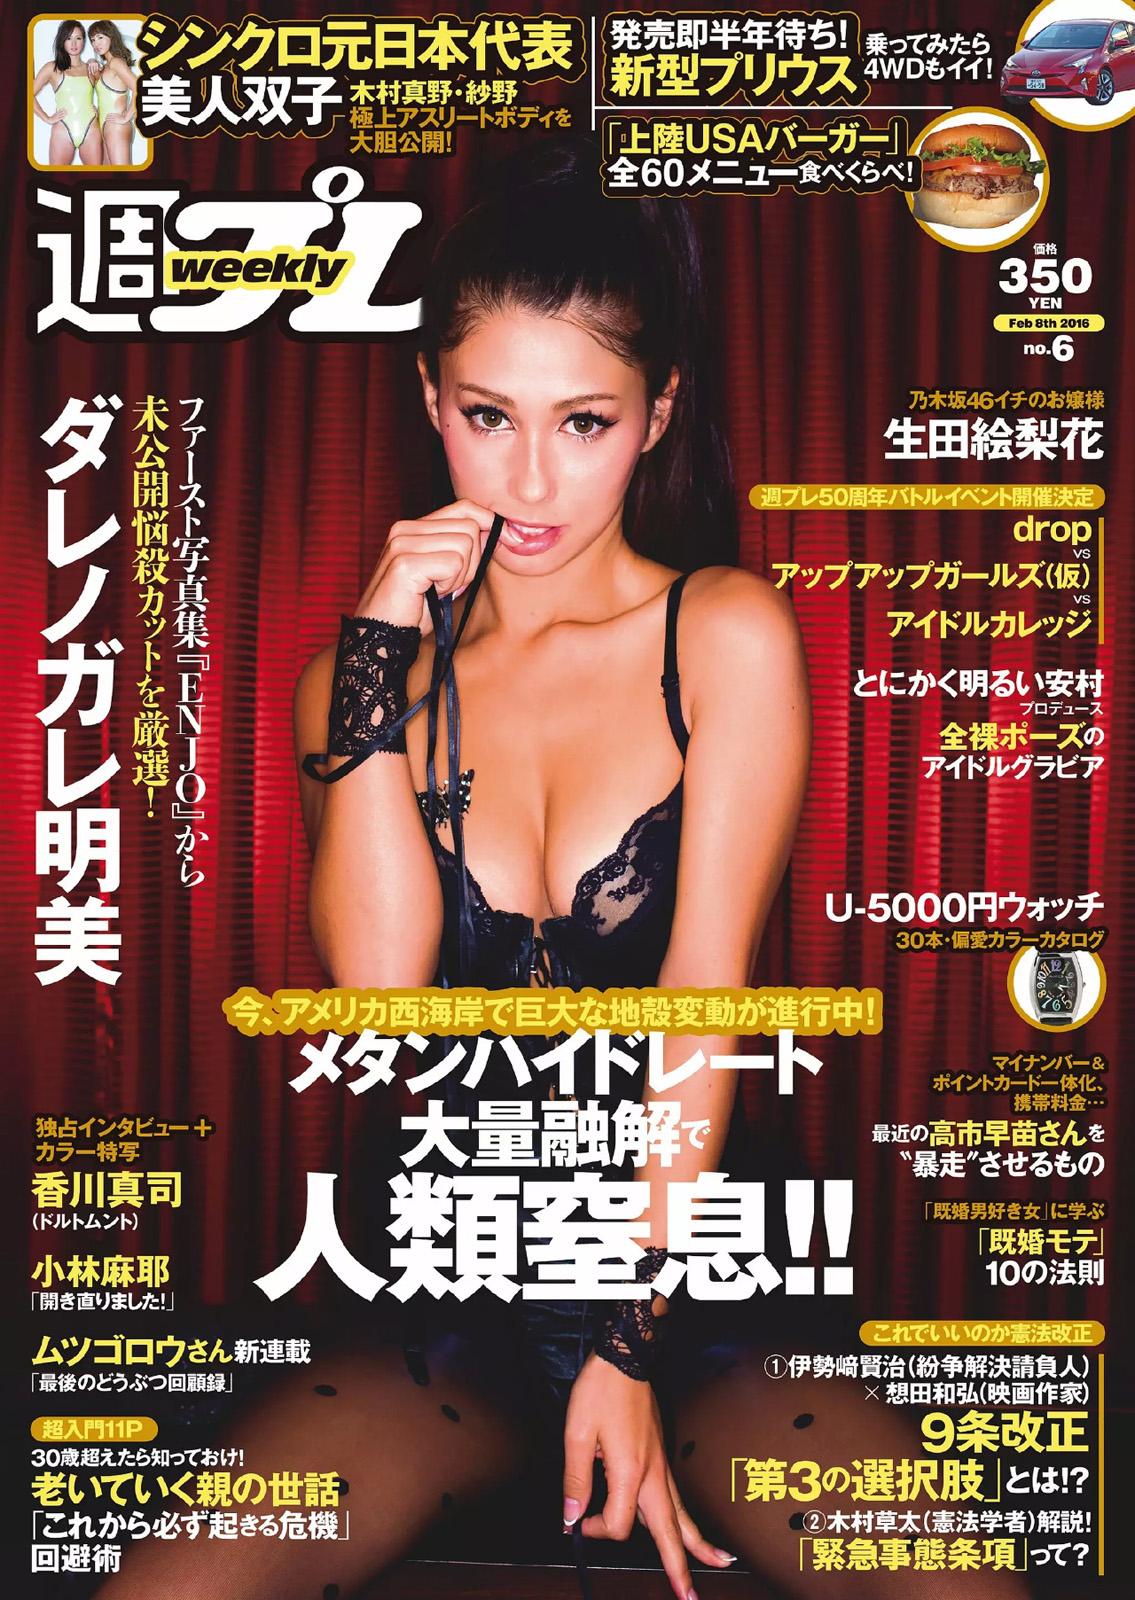 20170301.0251.13 Weekly Playboy (2016.06) 001 (JPOP.ru).jpg